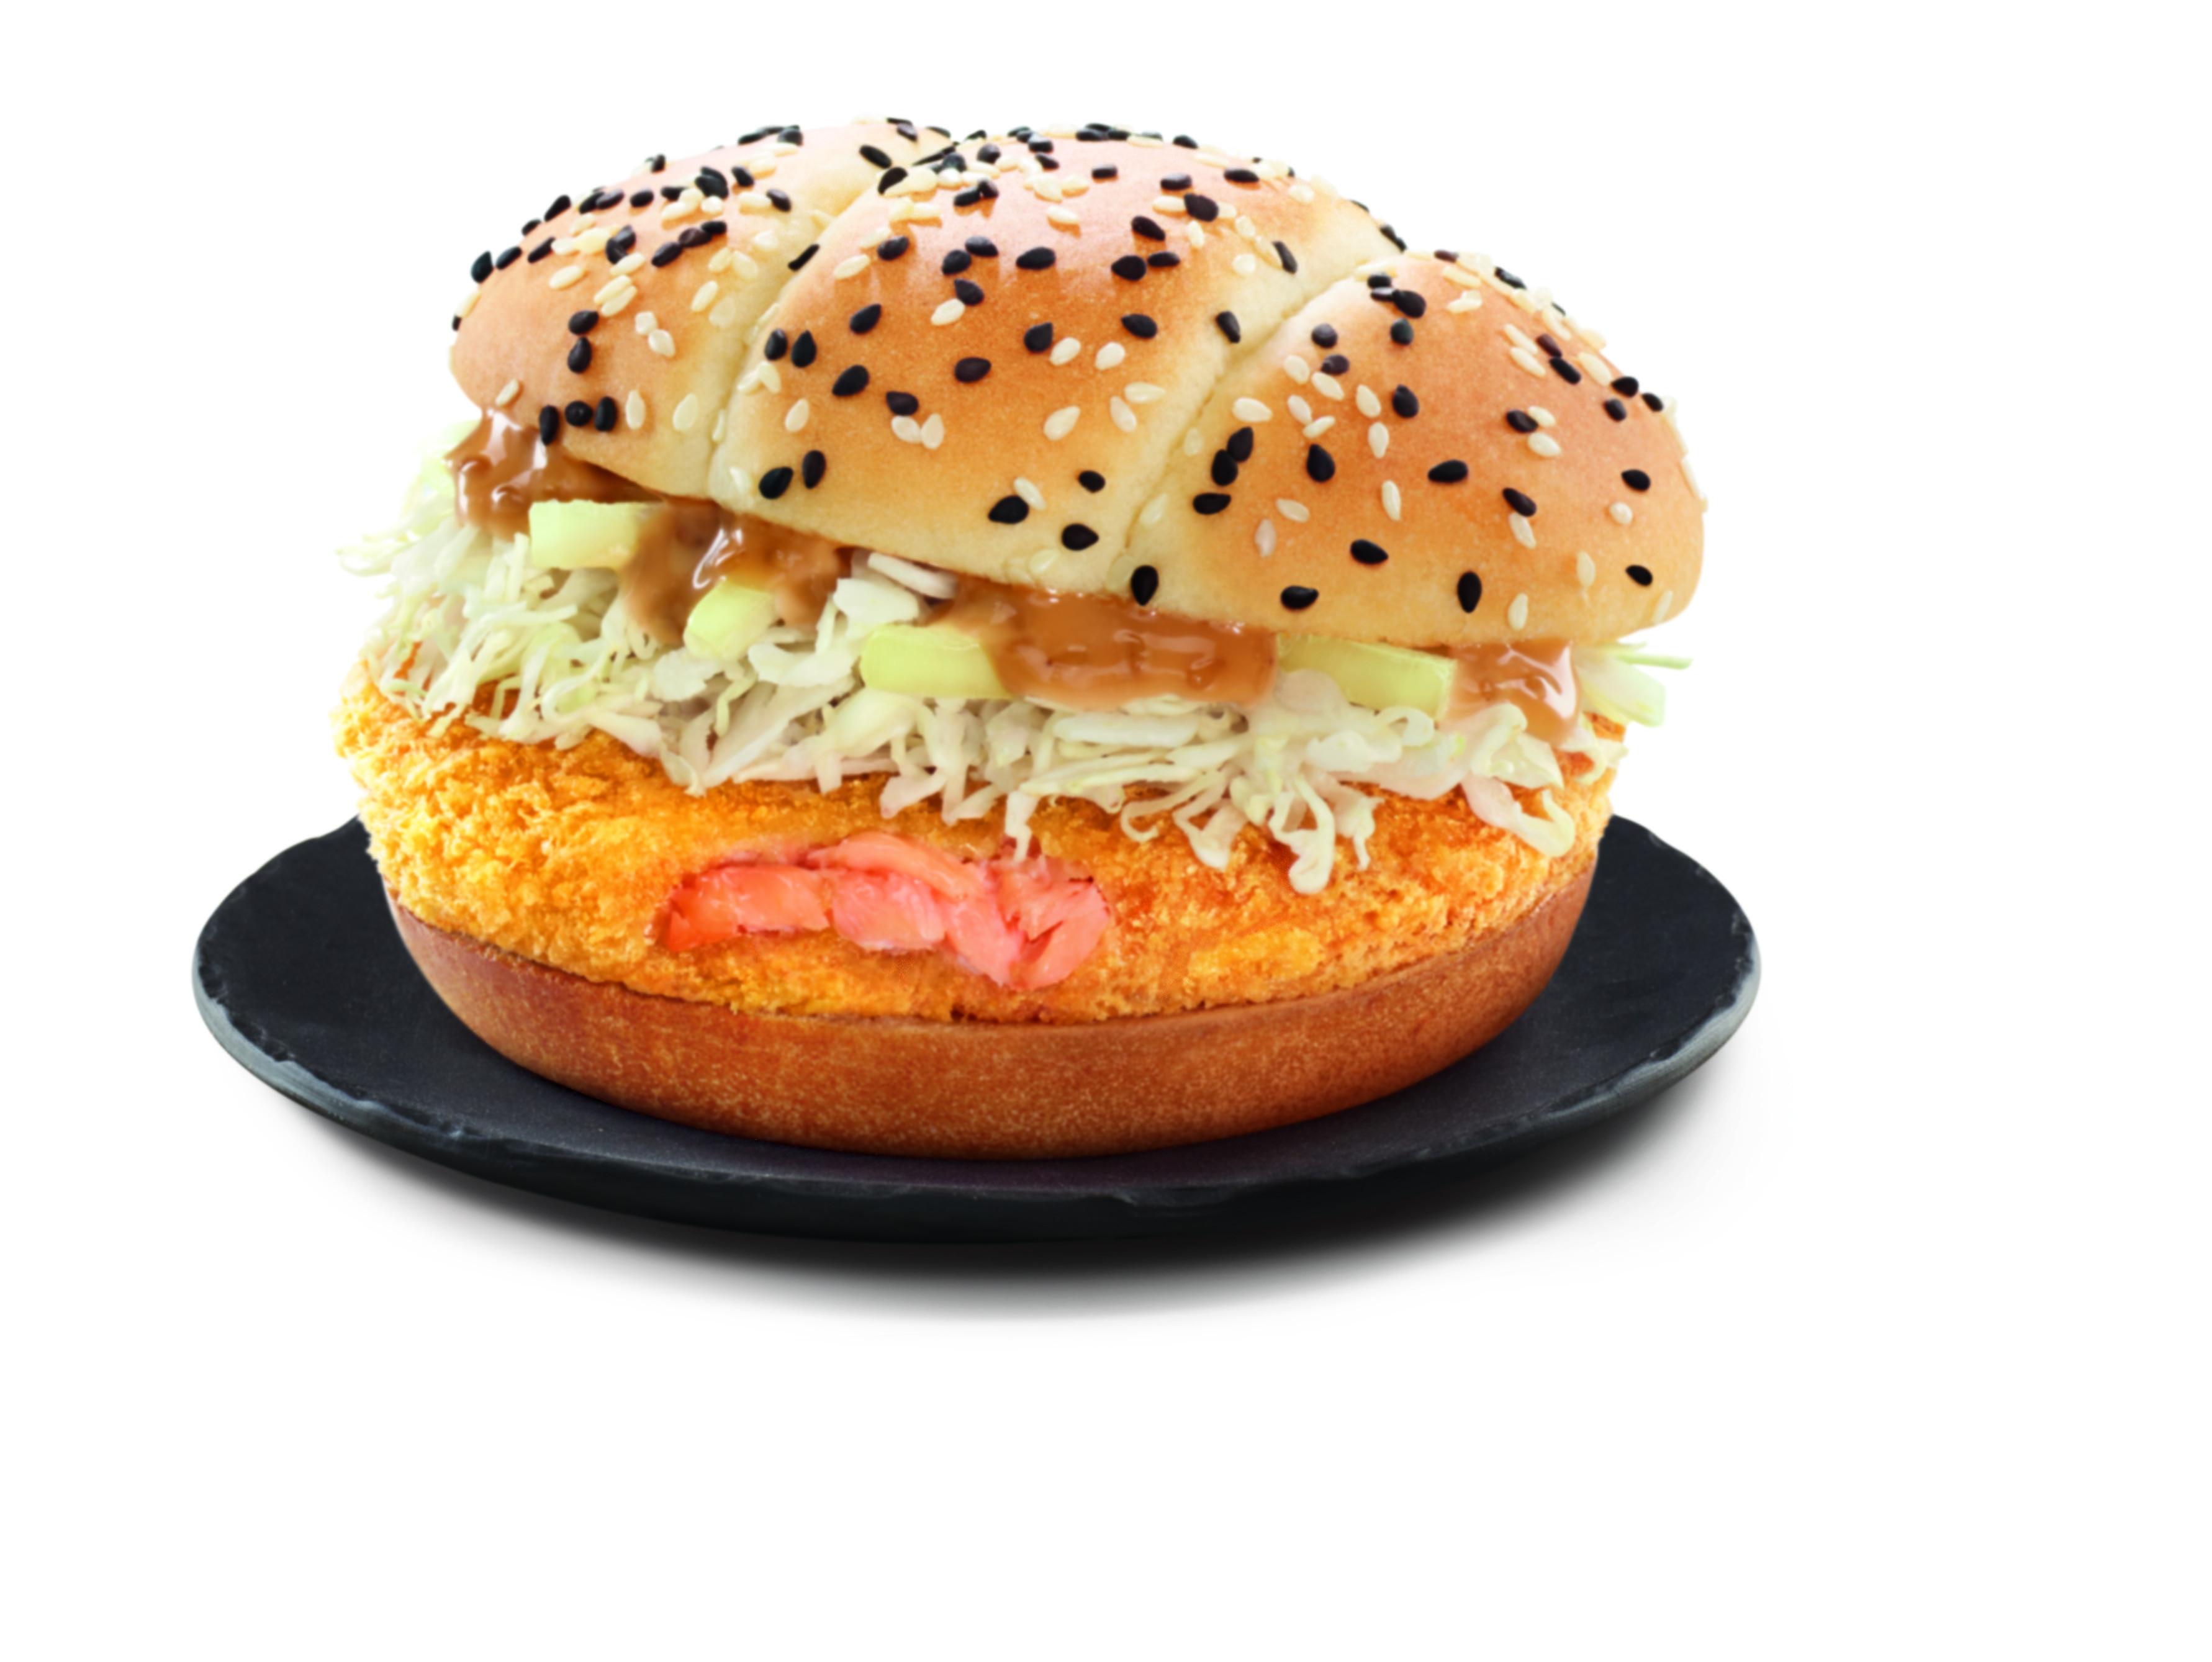 hokkaido salmon burger - hokkaido burger